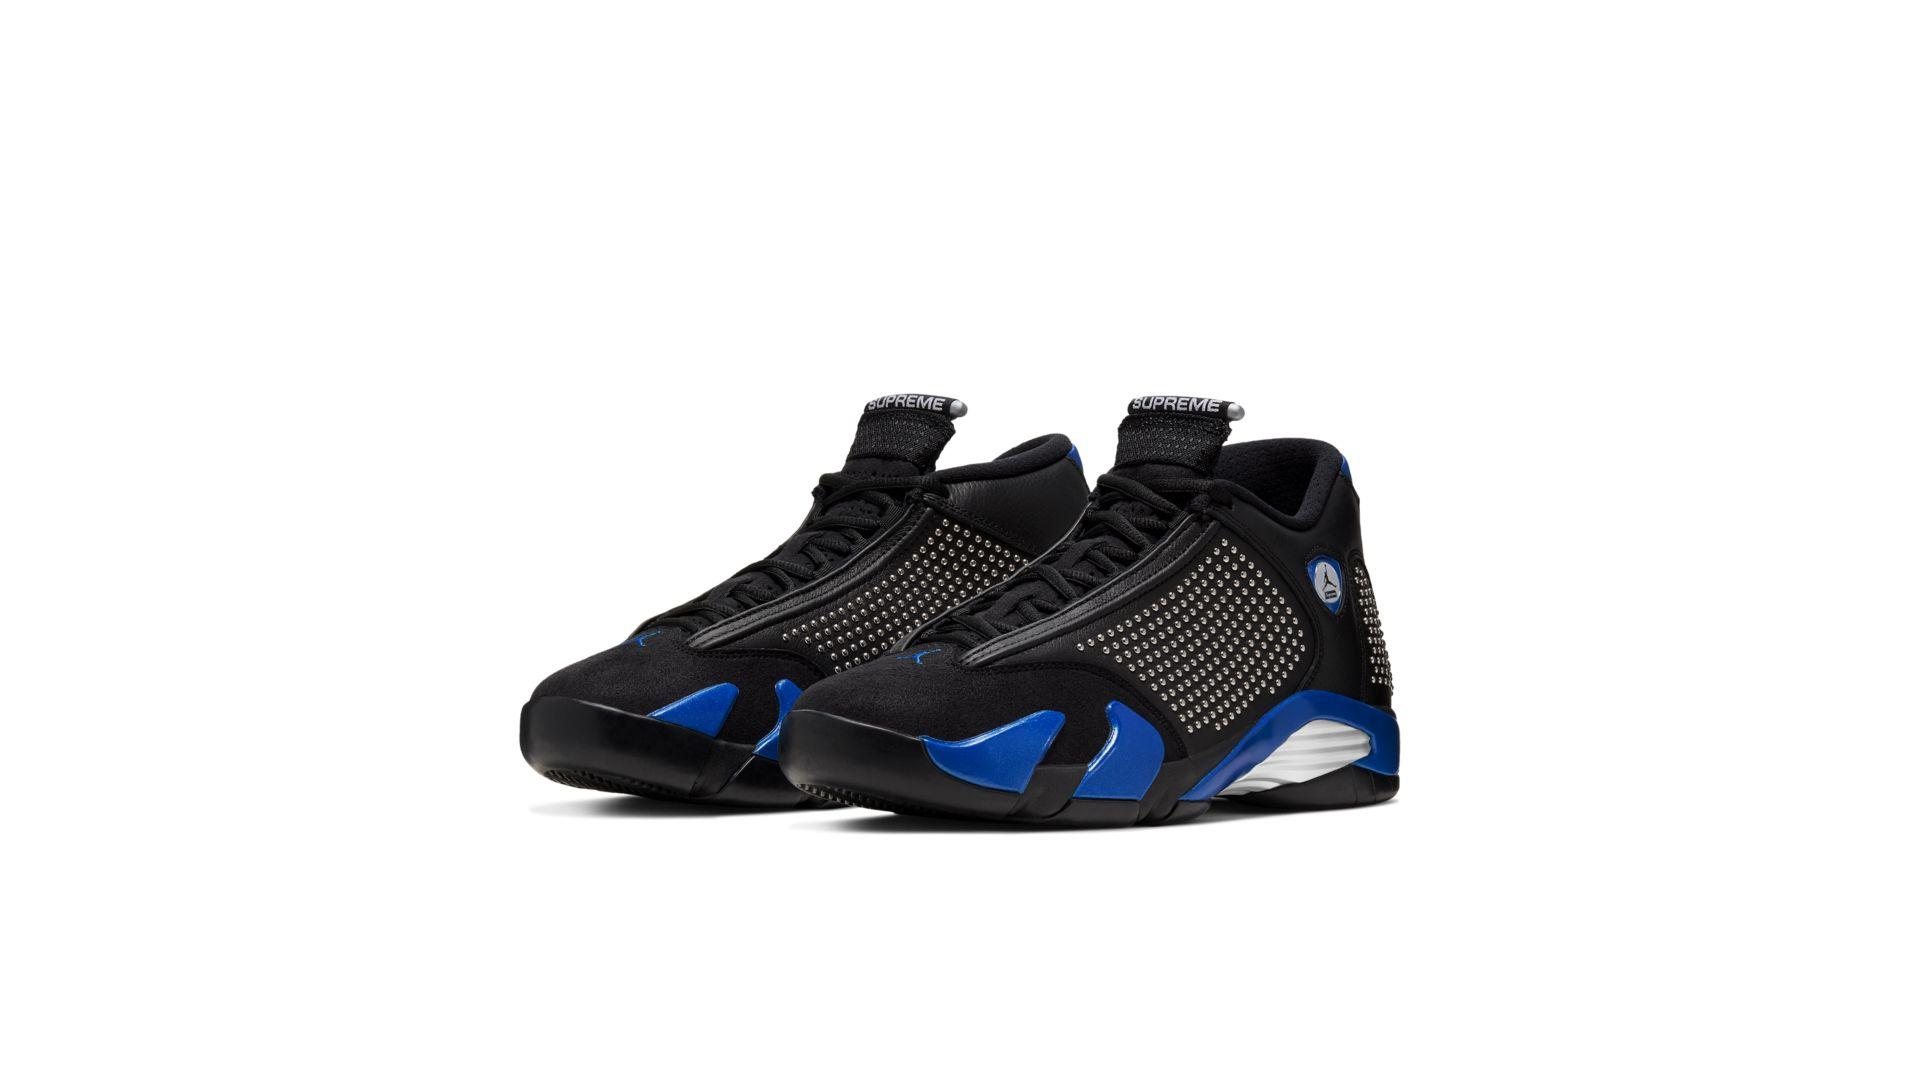 Jordan 14 Retro Supreme Black (BV7630-004)